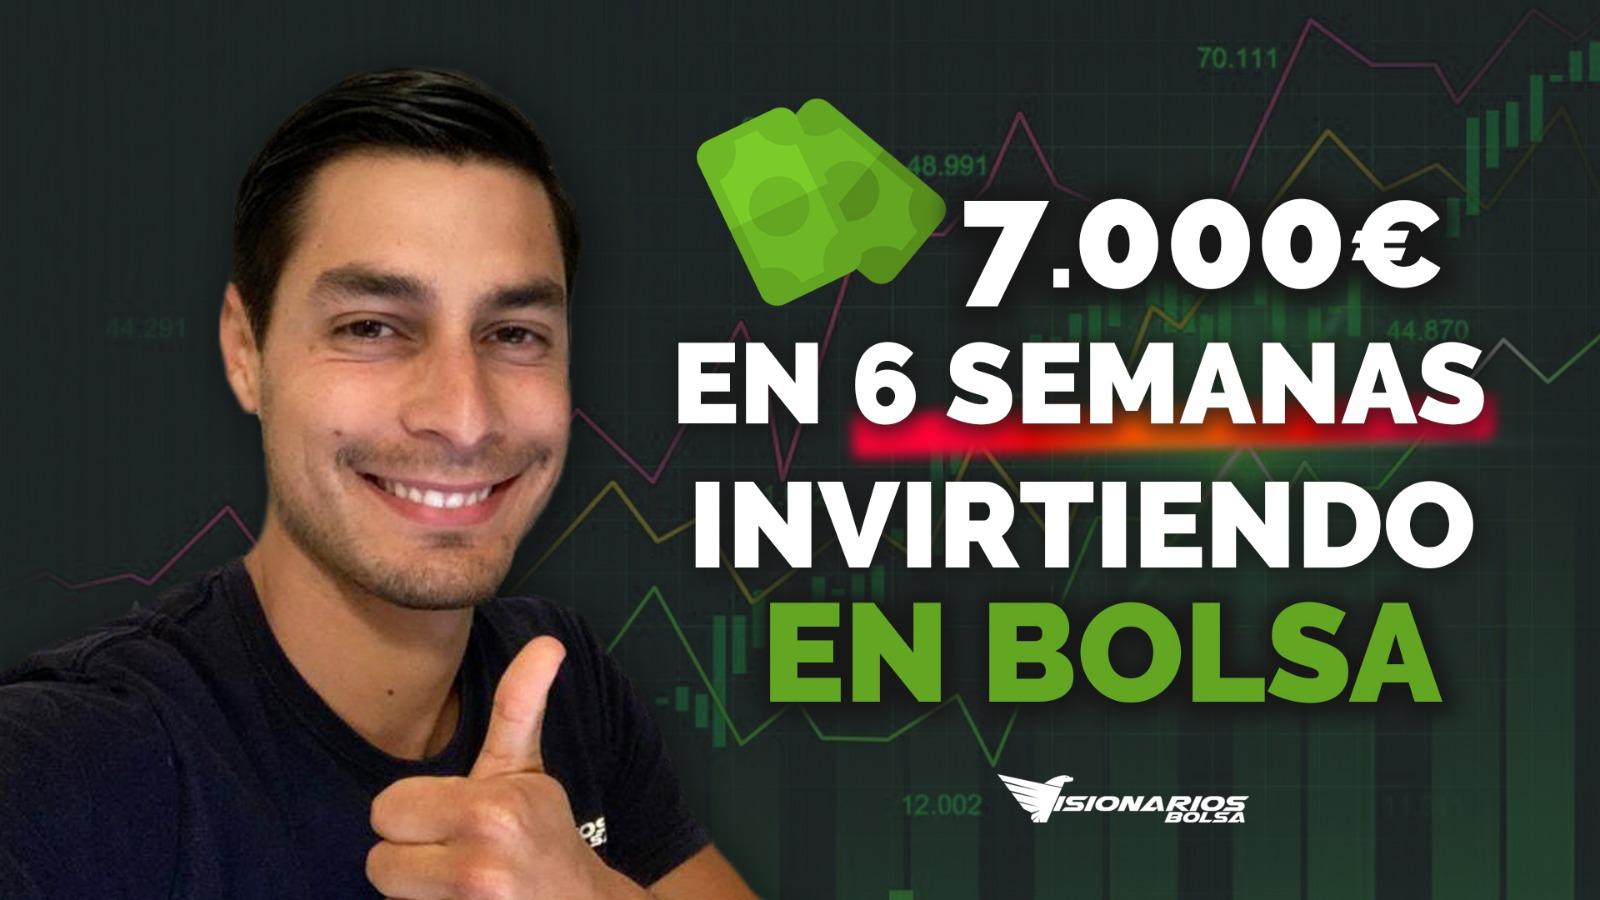 Cómo Ganar 7.000€ En 6 Semanas Invirtiendo En Bolsa